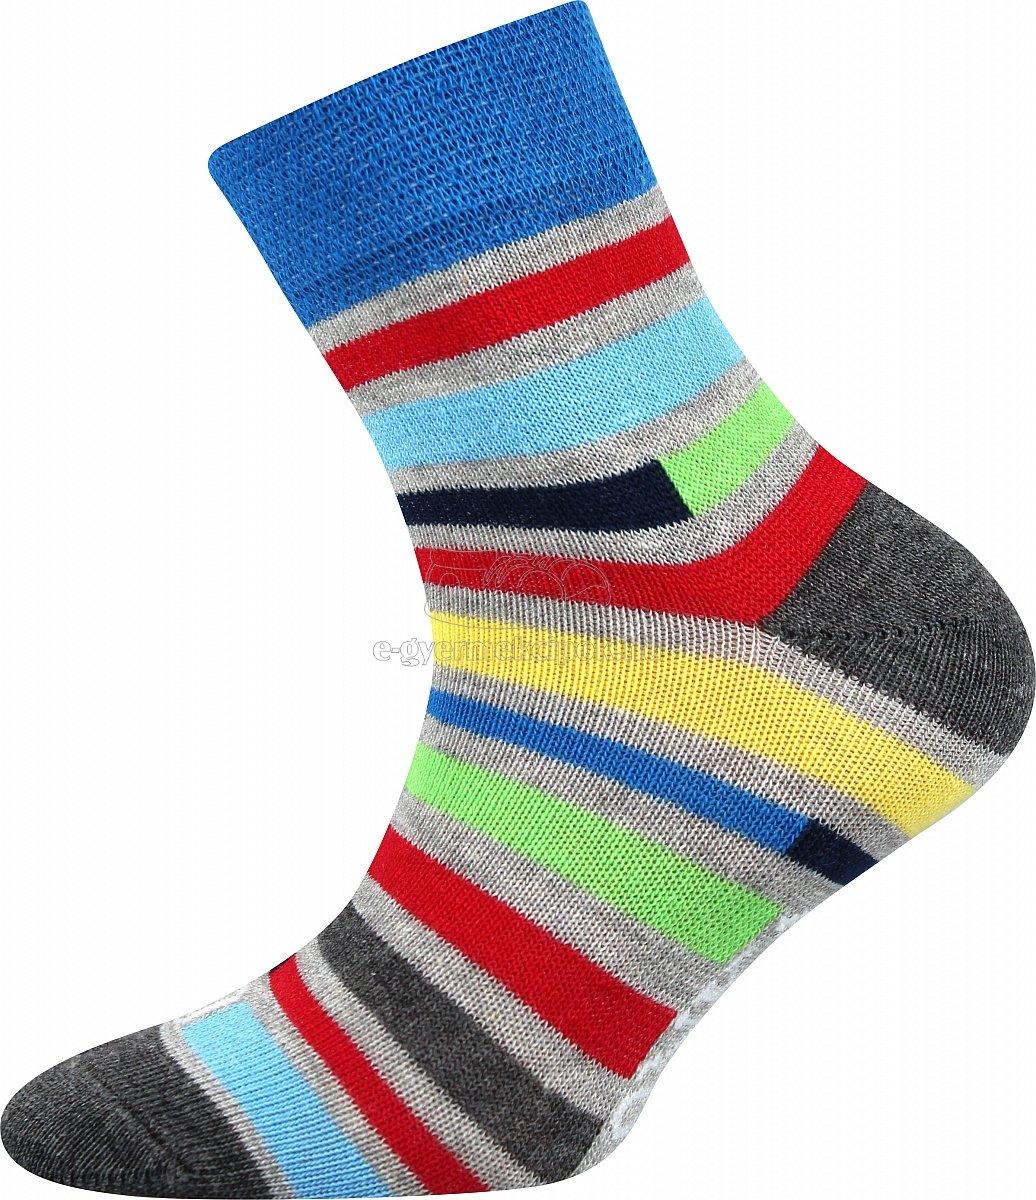 Gyerek zokni Lonka Woodik világos kék